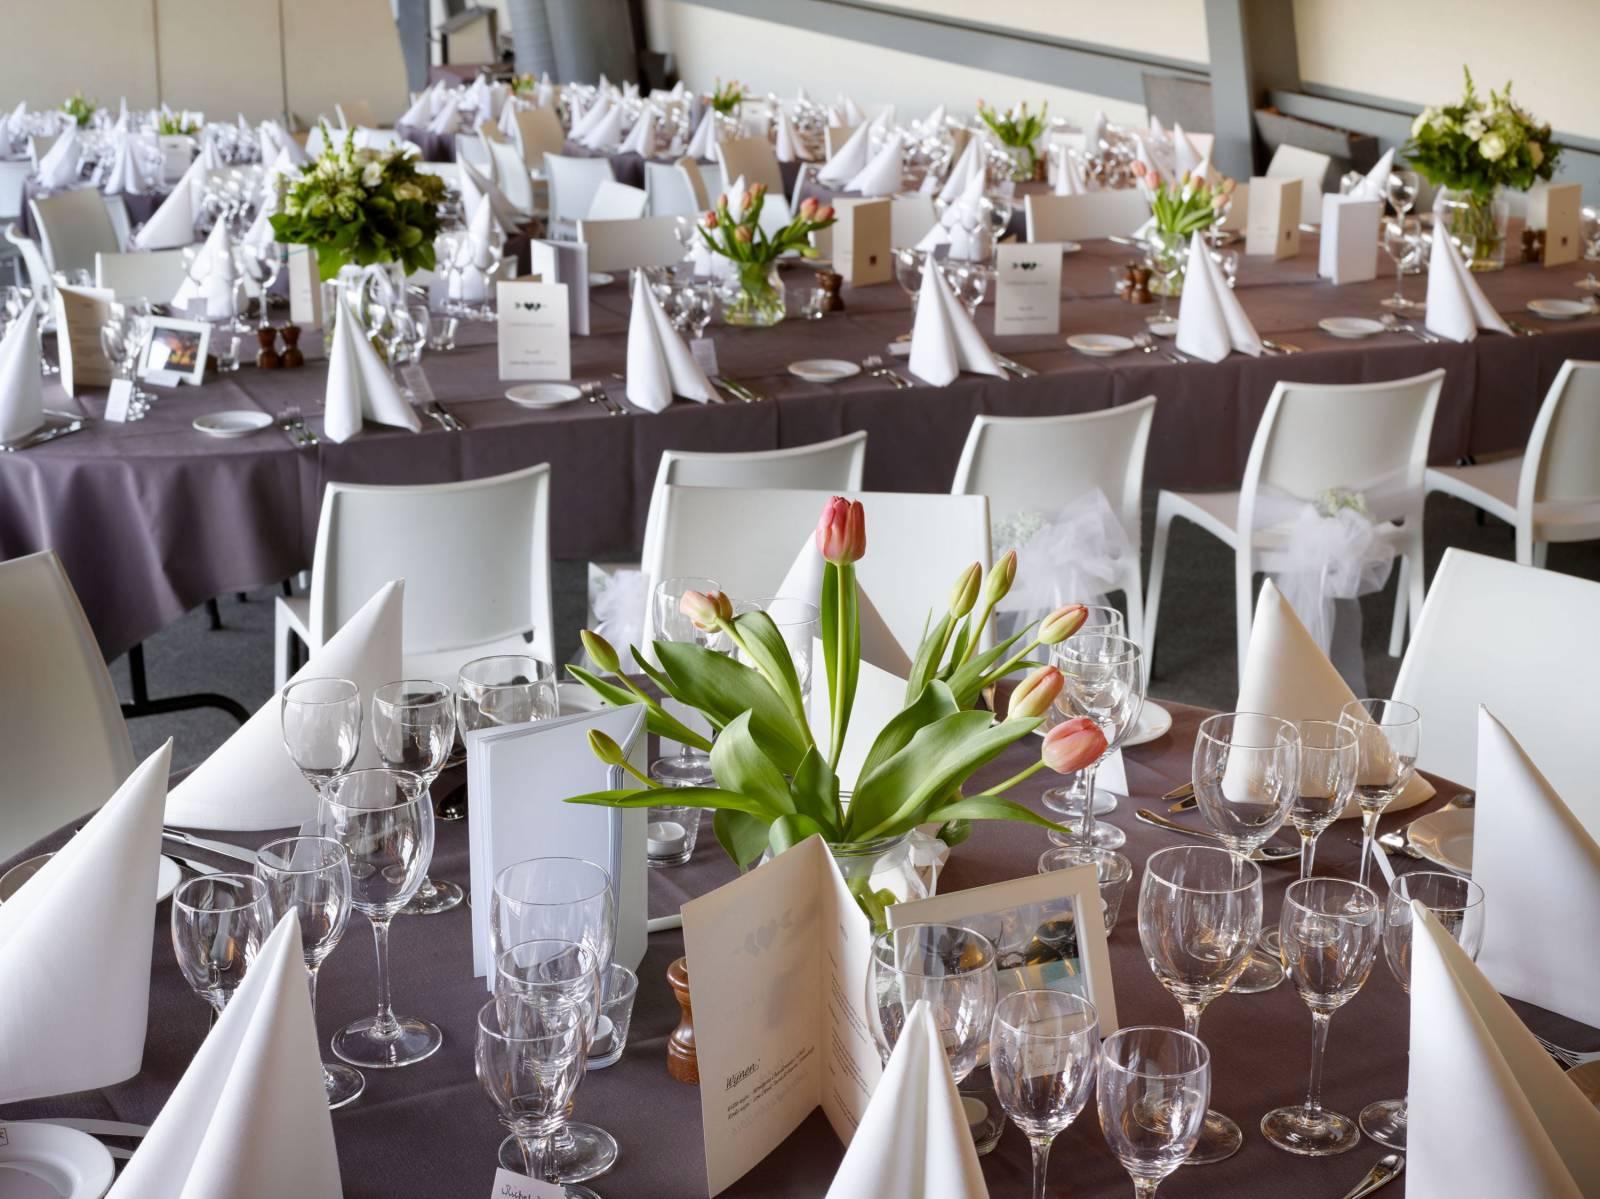 De Ark - Feestzaal Antwerpen - Trouwzaal - House of Weddings - 21